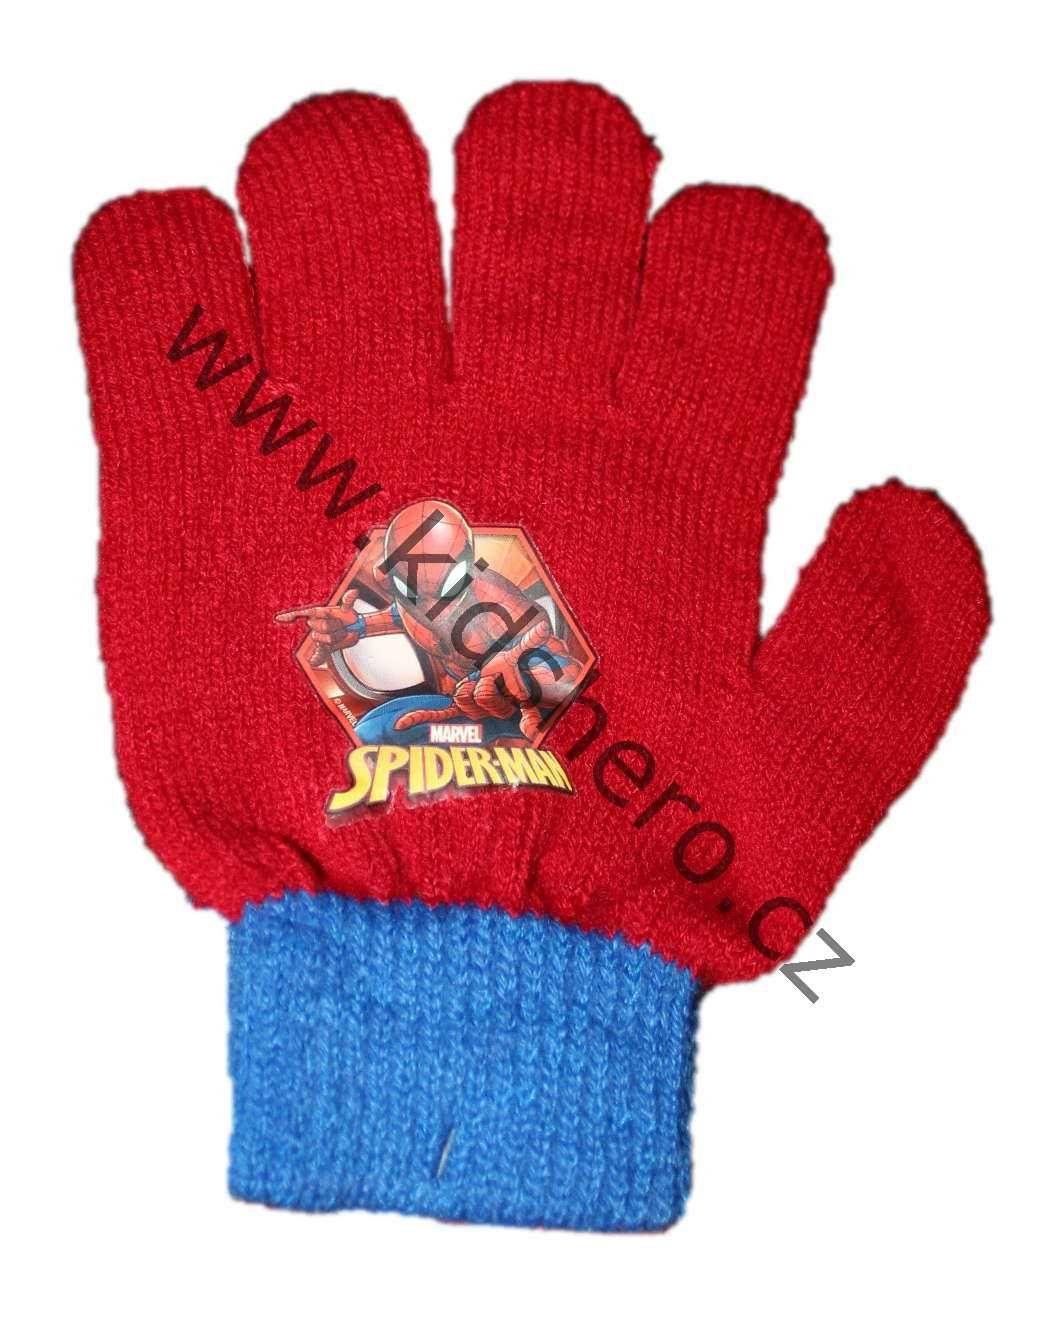 43f1f64b785 Dětské rukavice palčáky SPIDERMAN Marvel